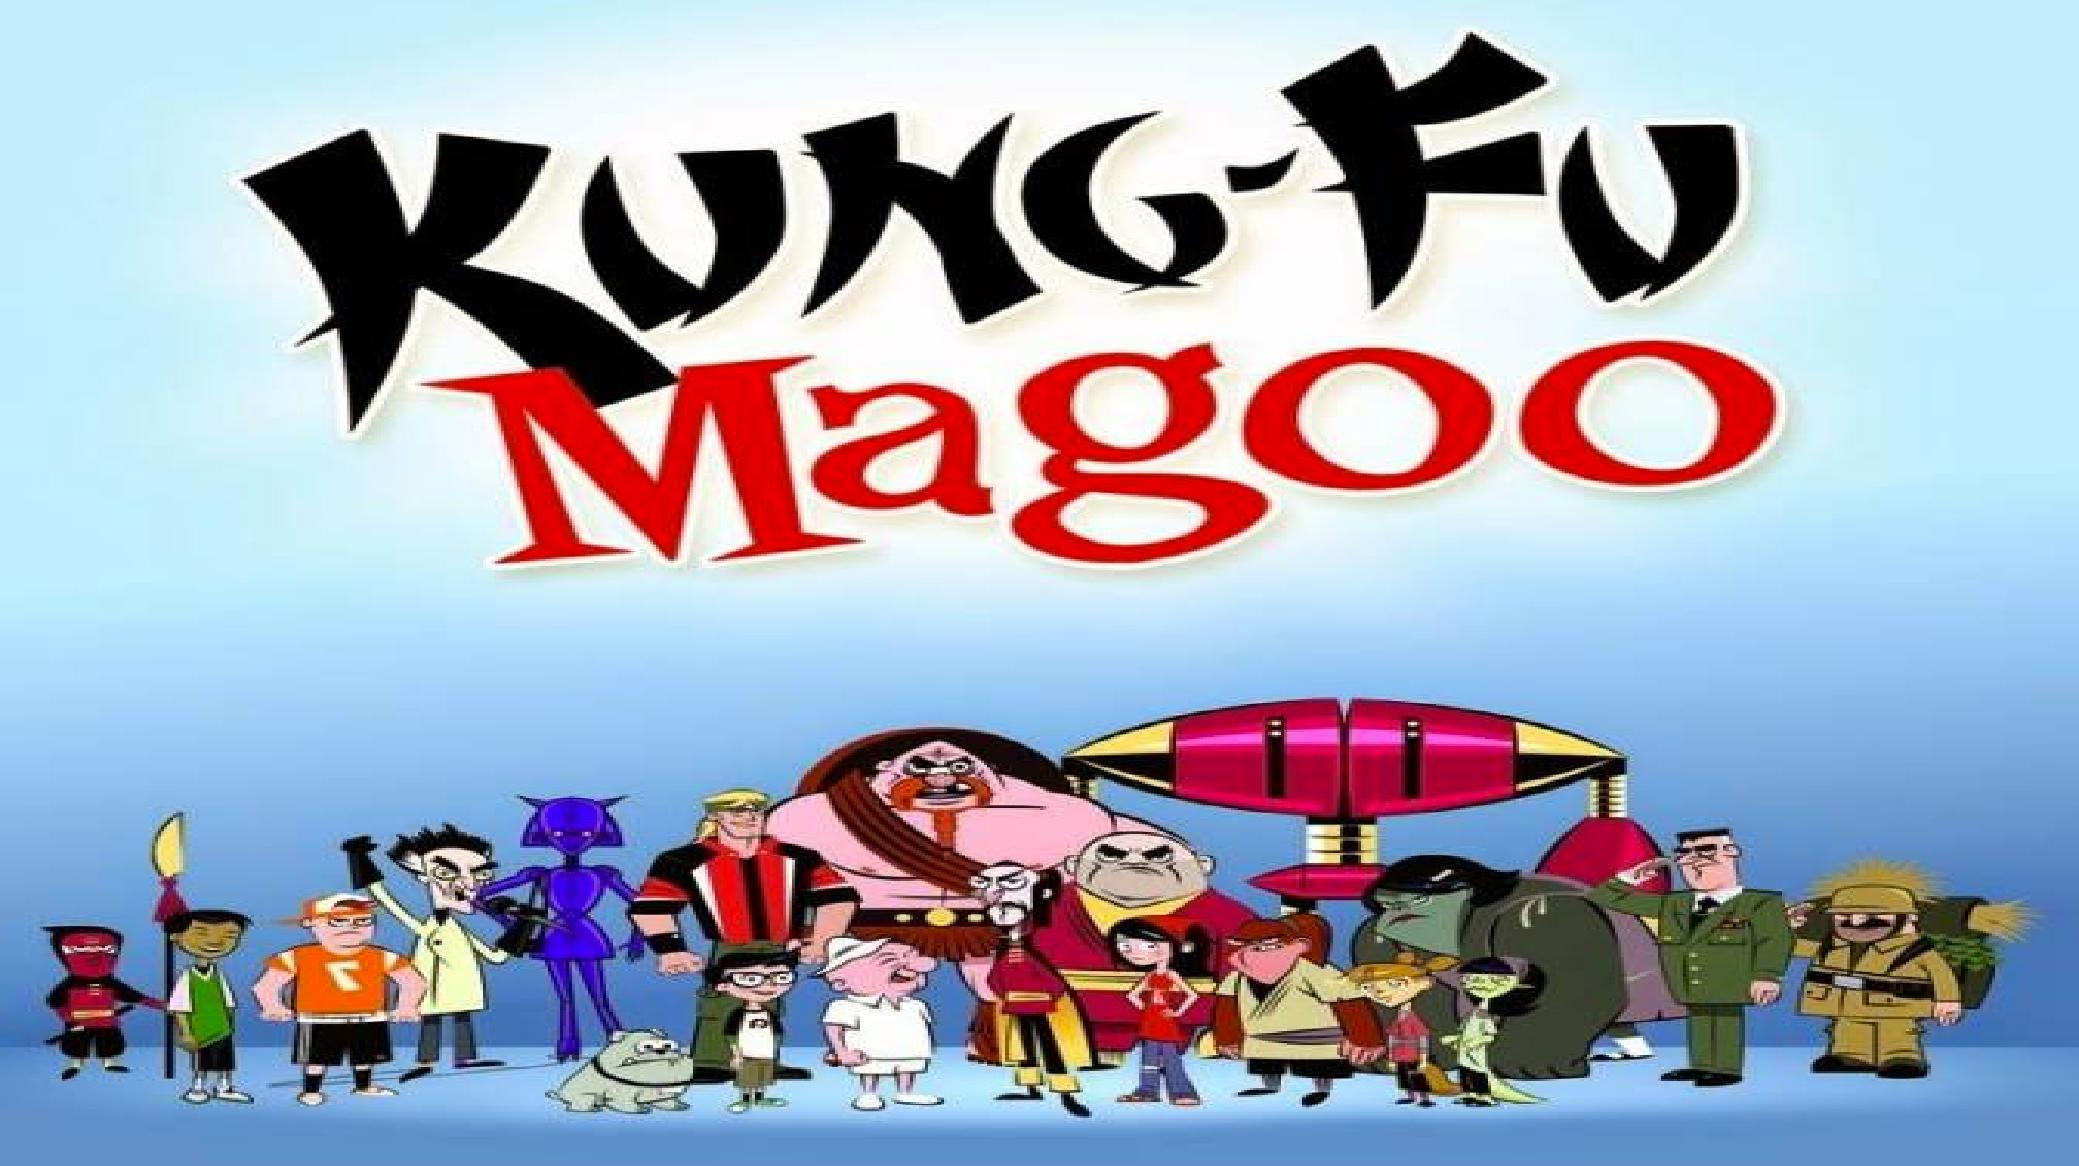 Kung_Fu_MagooV-01.png